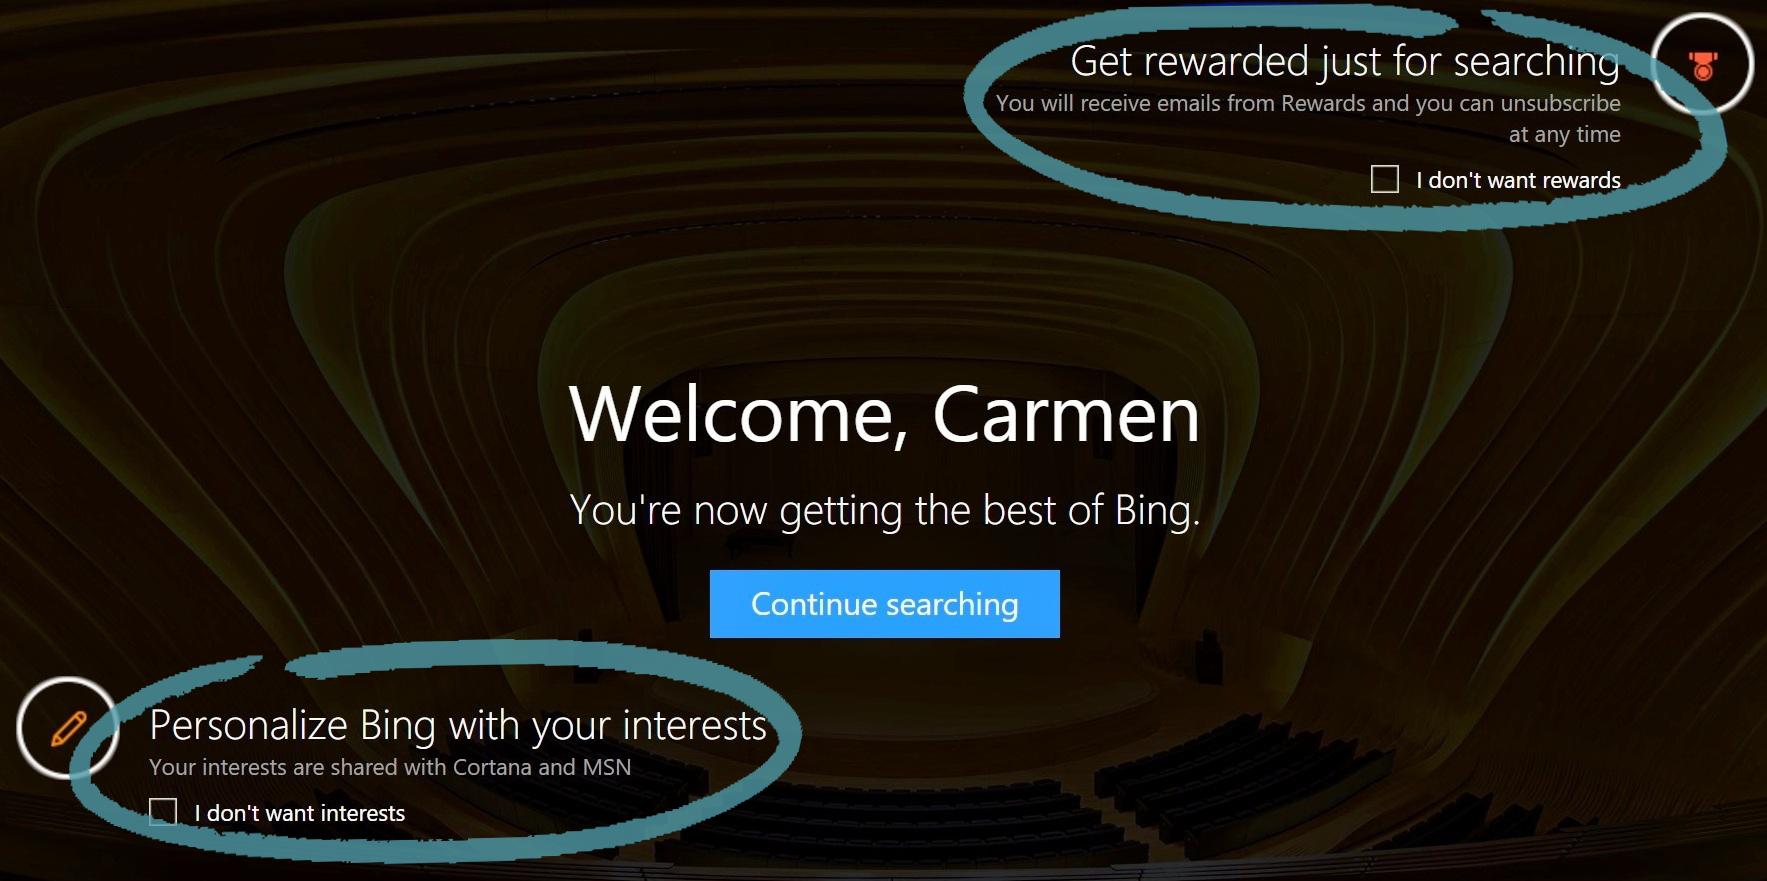 Página principal de Bing con la opción para participar en los Premios y los Intereses